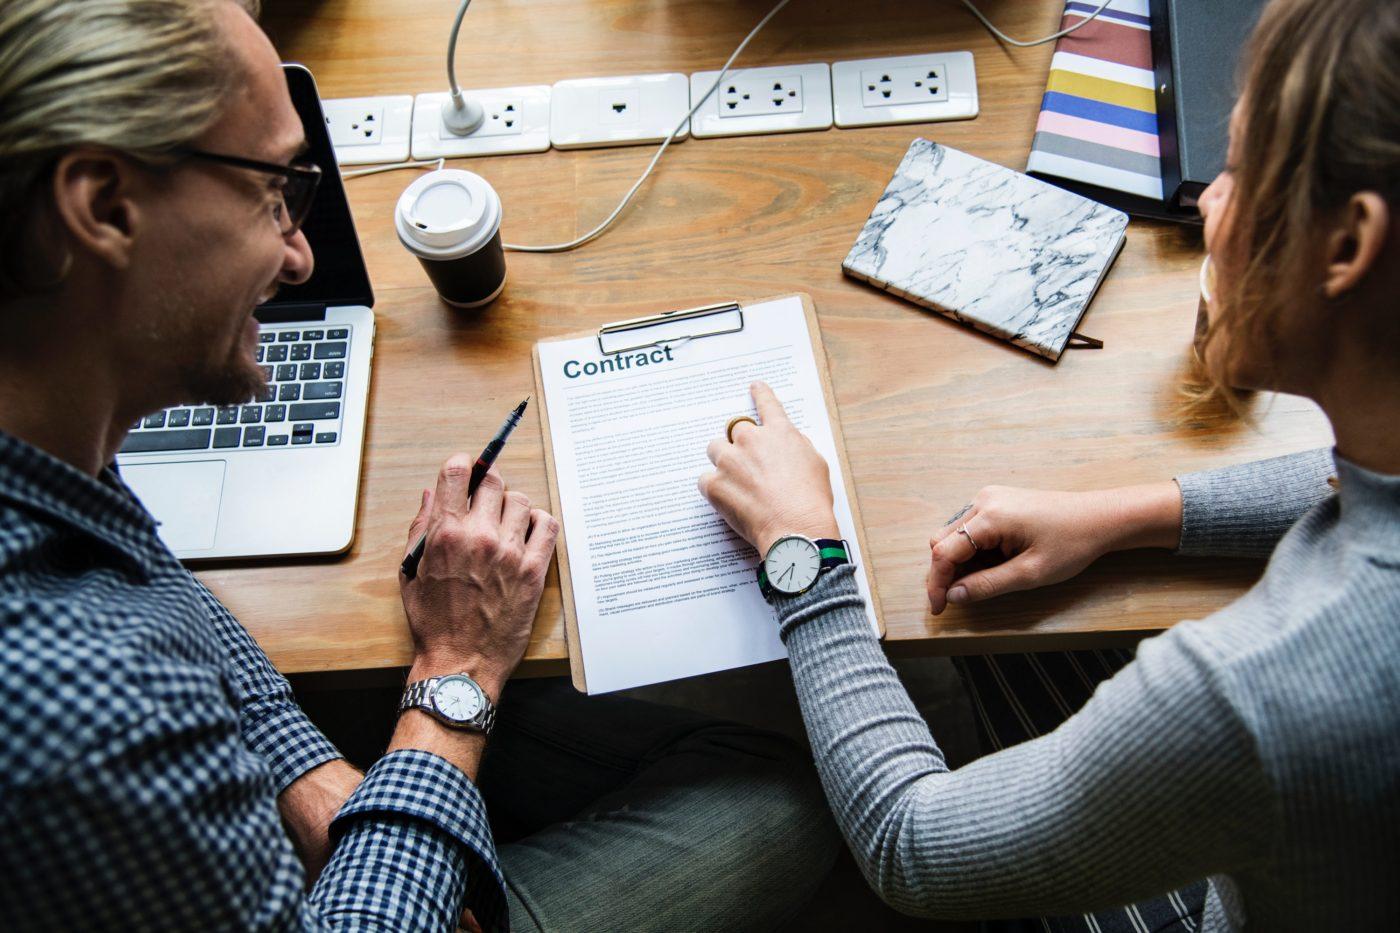 Arbeidsvoorwaarden - contractbespreking